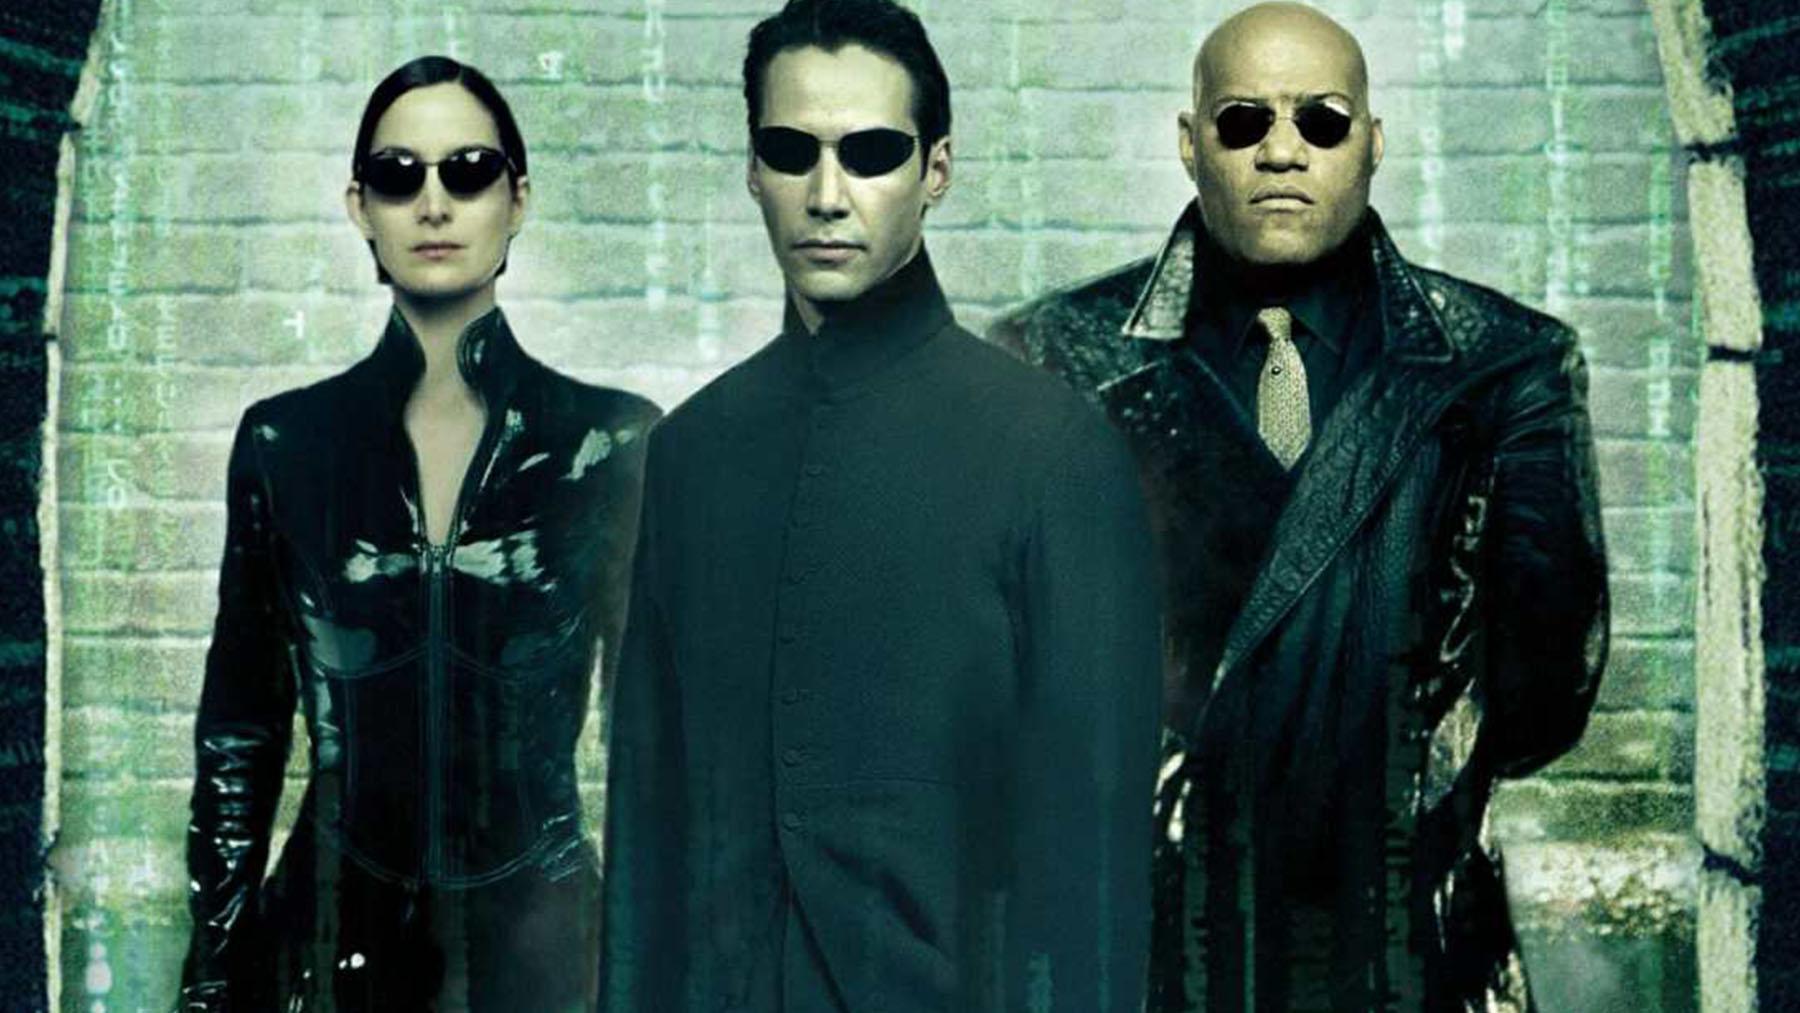 «Matrix» (Warner Bros Pictures)